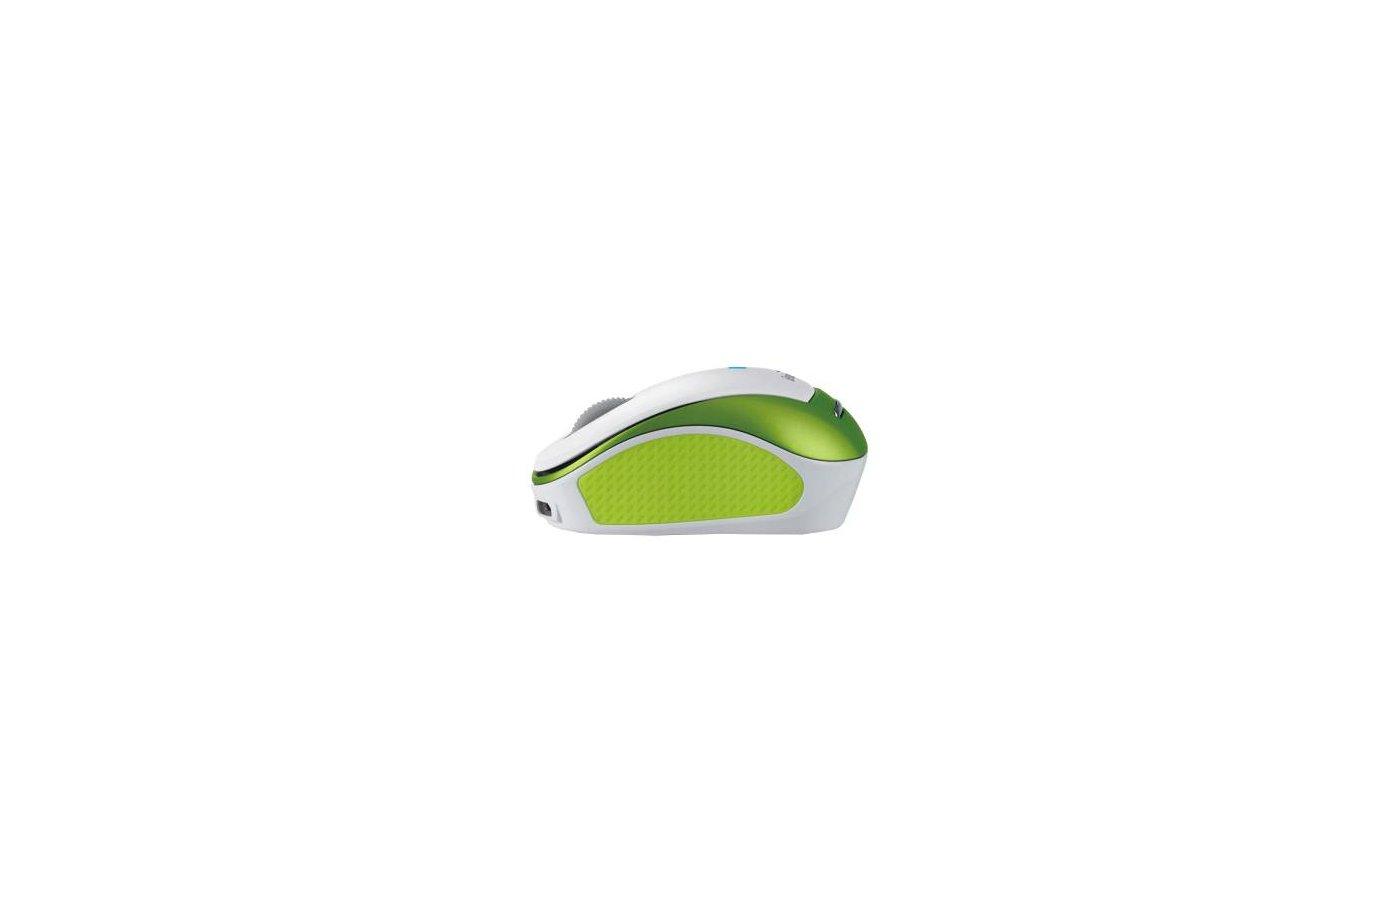 Мышь беспроводная Genius Micro Traveler 9000R белый/зеленый оптическая (1200dpi) беспроводная USB для ноутбука (2but)